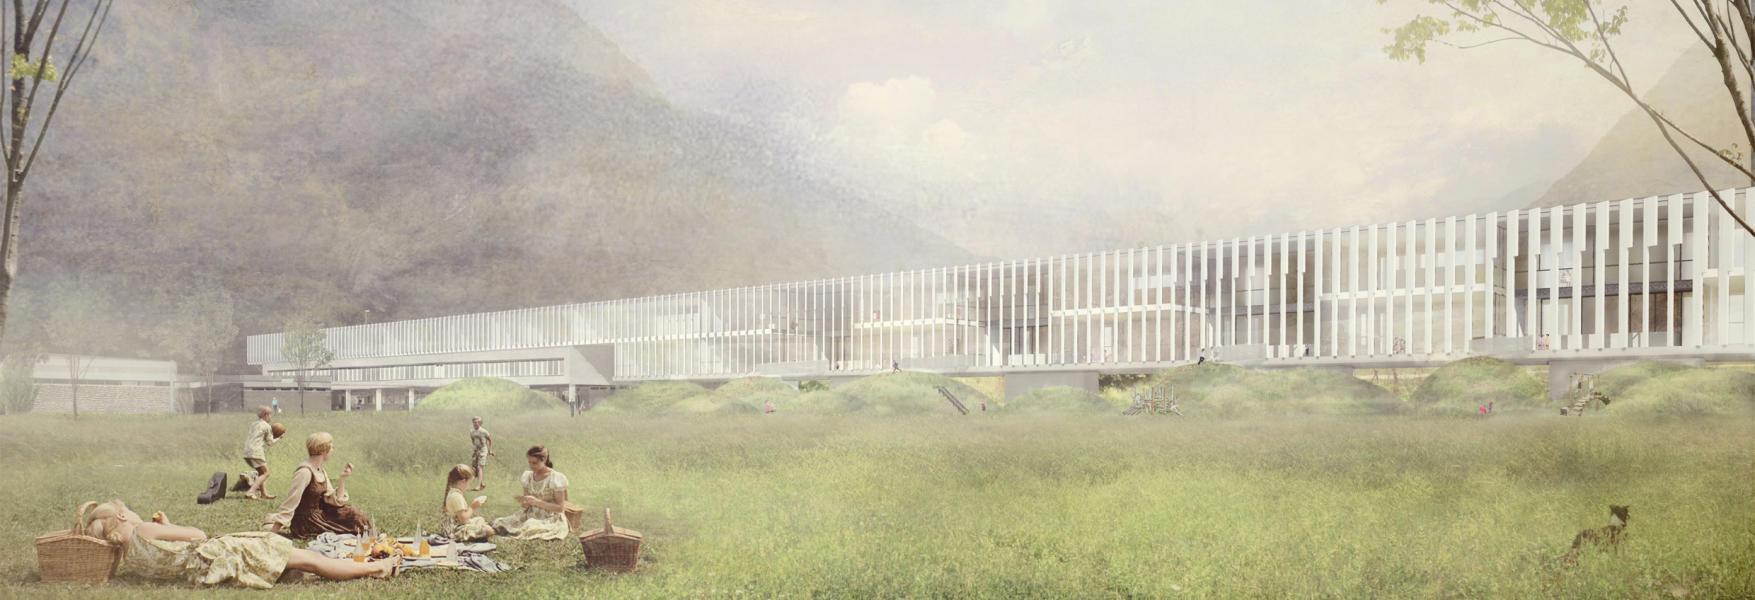 1. rango / 1. premio «Se ci fosse la luna si potrebbe cantare» (visualizzazione: Comunità di lavoro di architetti Edy Quaglia PeR architetti, c/o arch. Edy Quaglia)